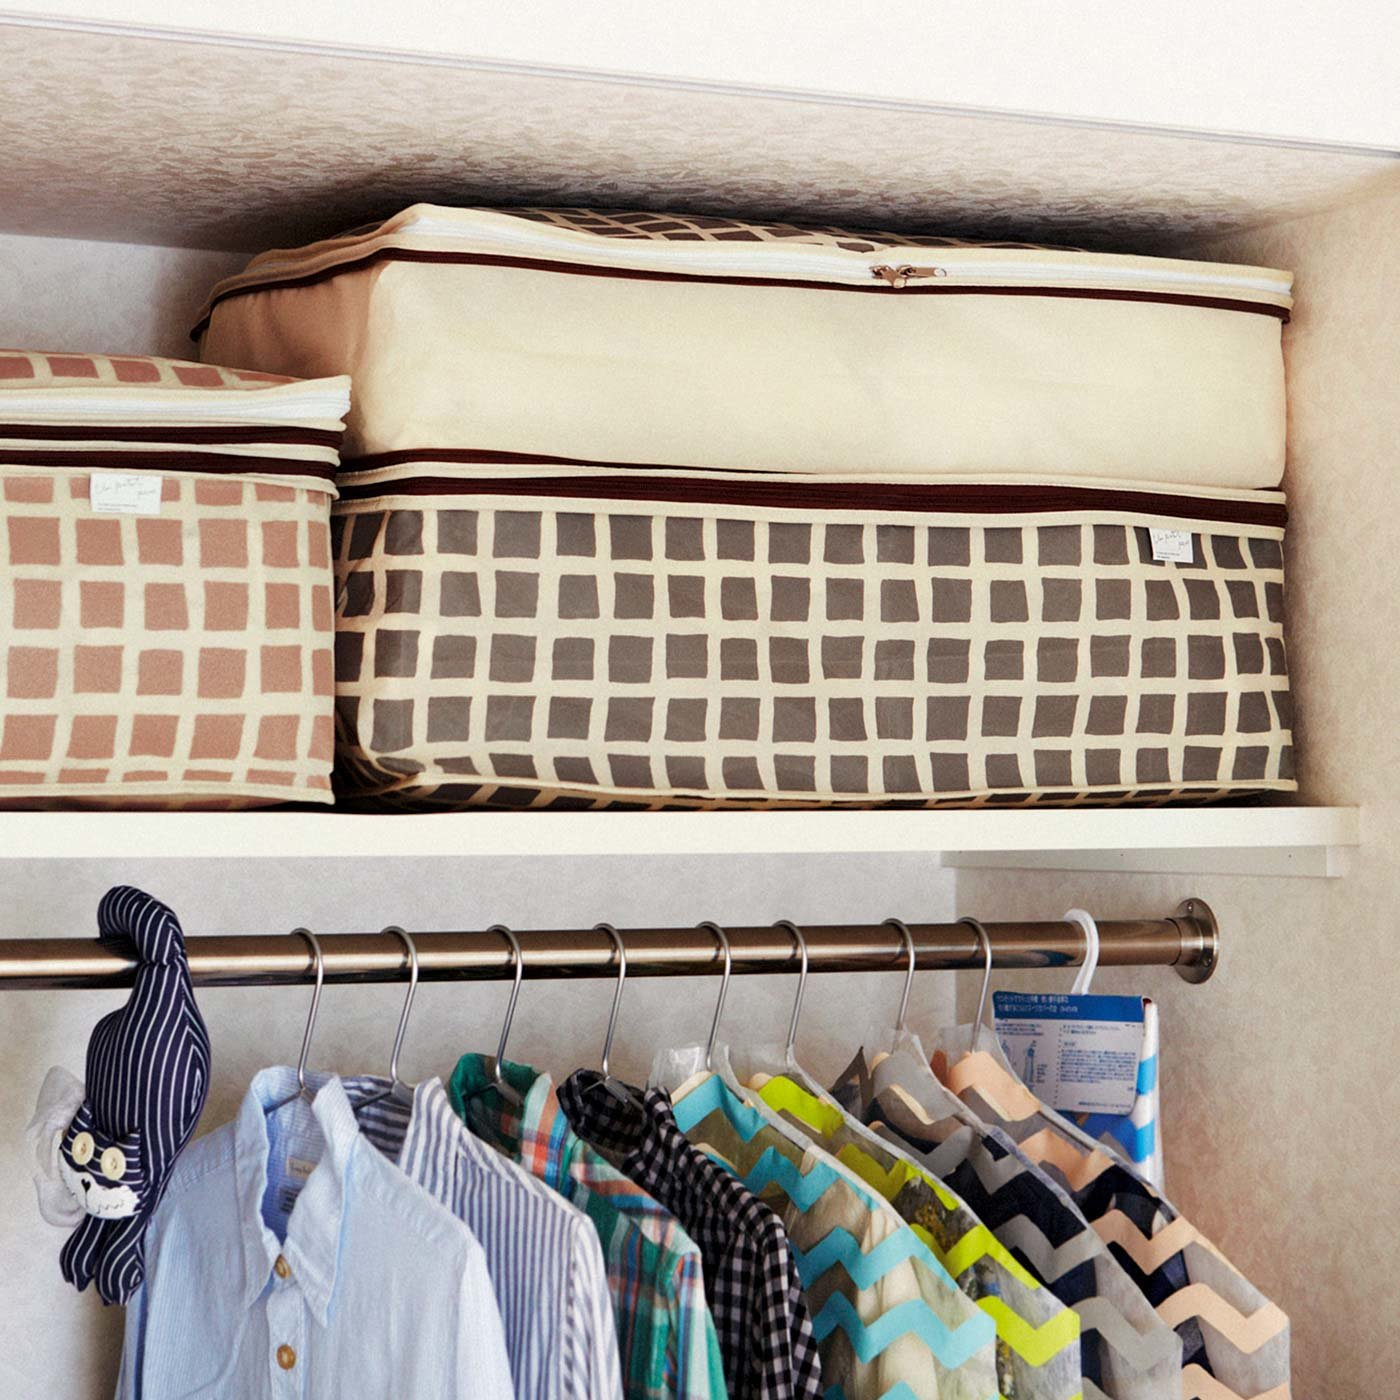 シーズンオフの寝具をひとまとめ 高さを変えられる布団収納ケース